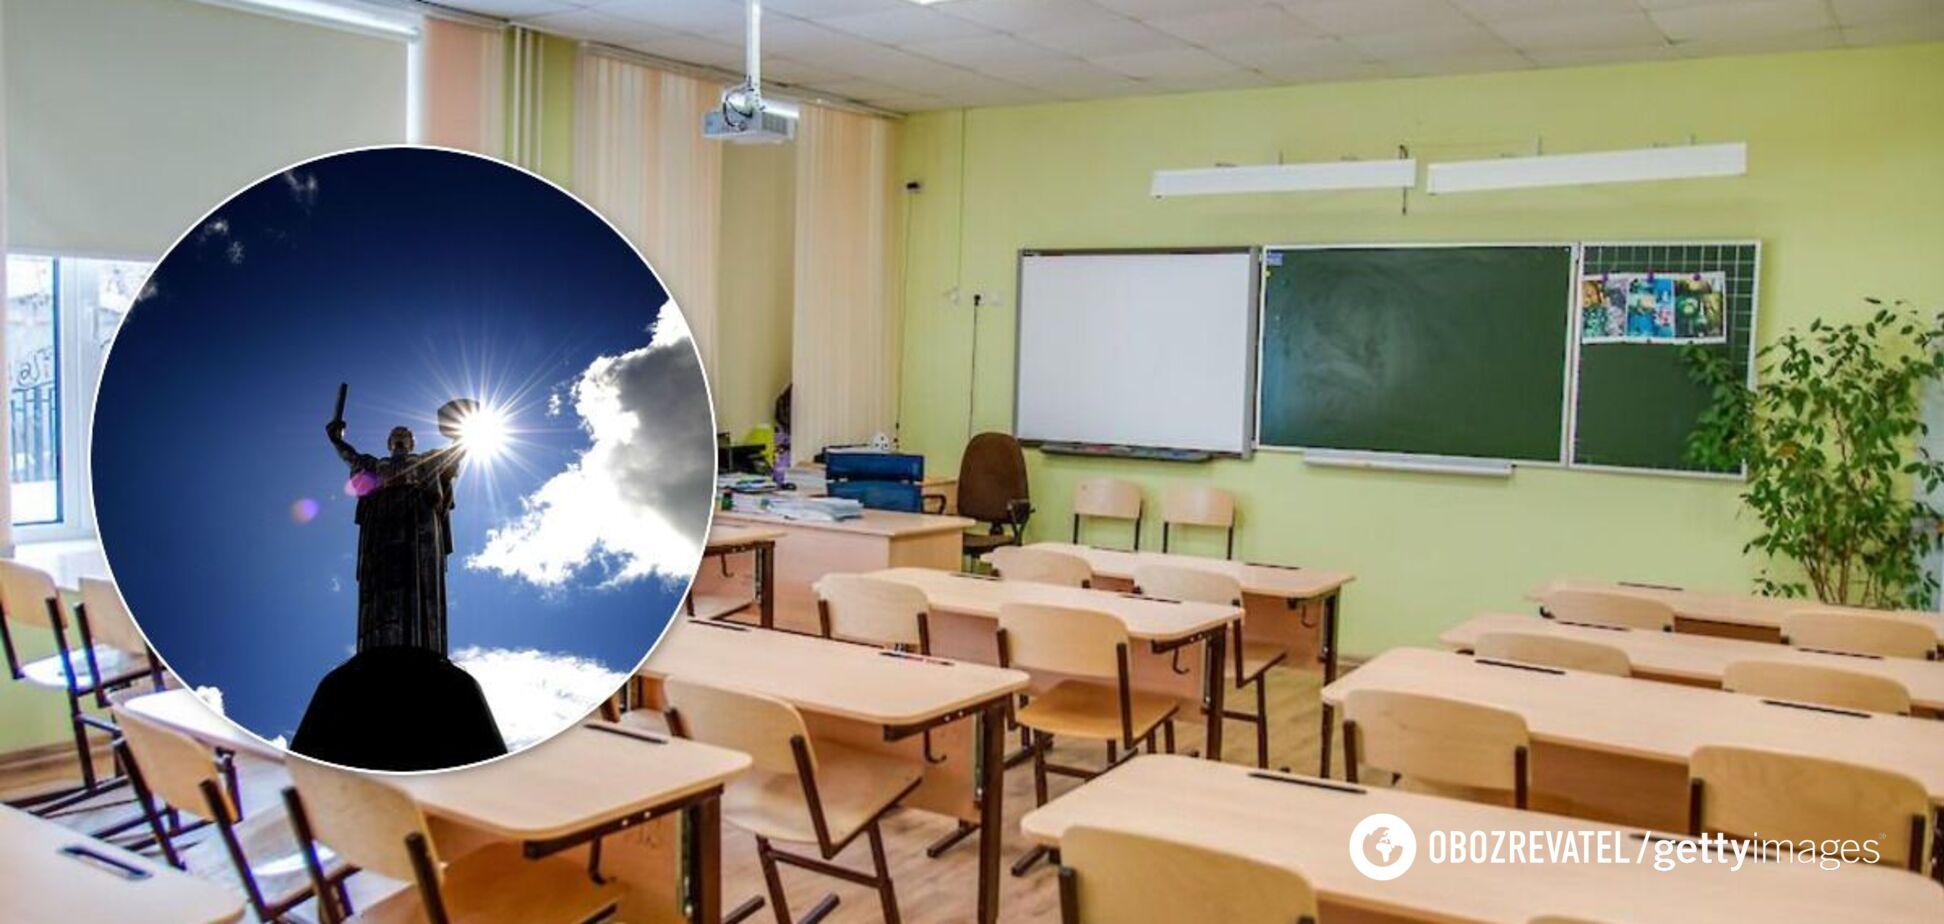 Школы Киева пойдут на обучение 1 сентября